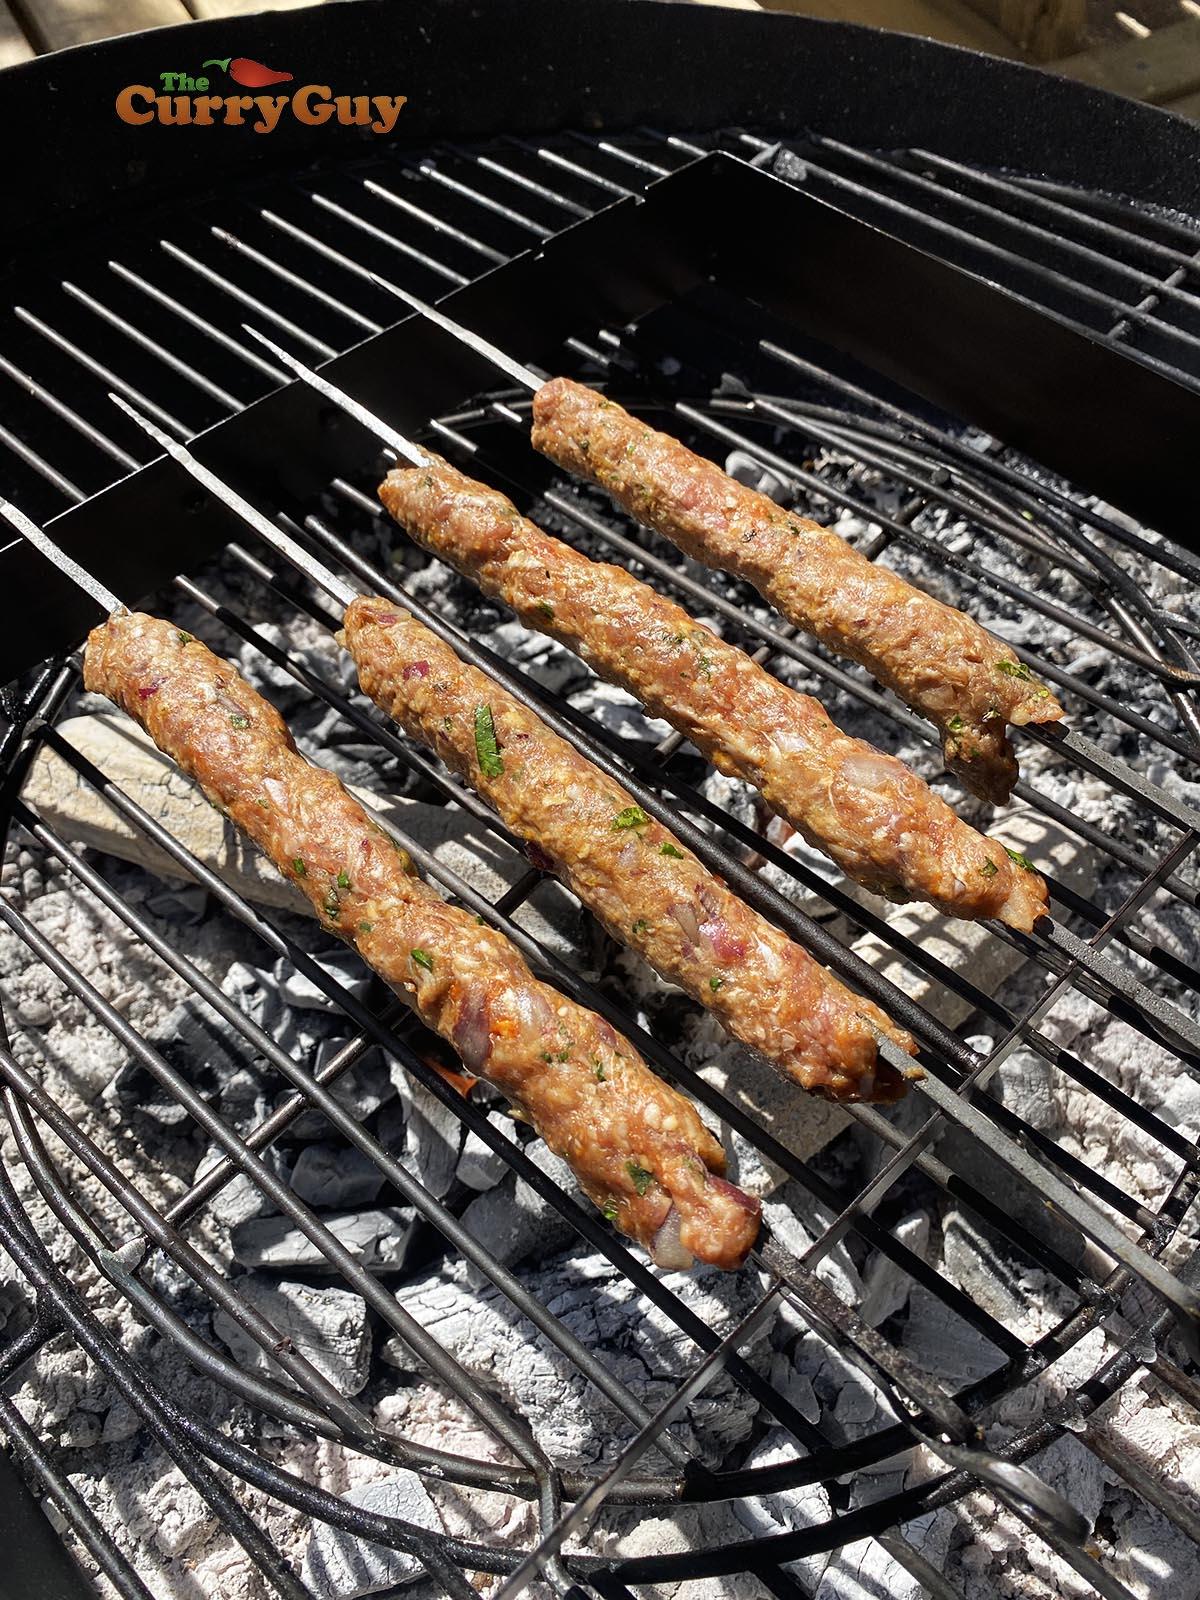 Grilling kebabs